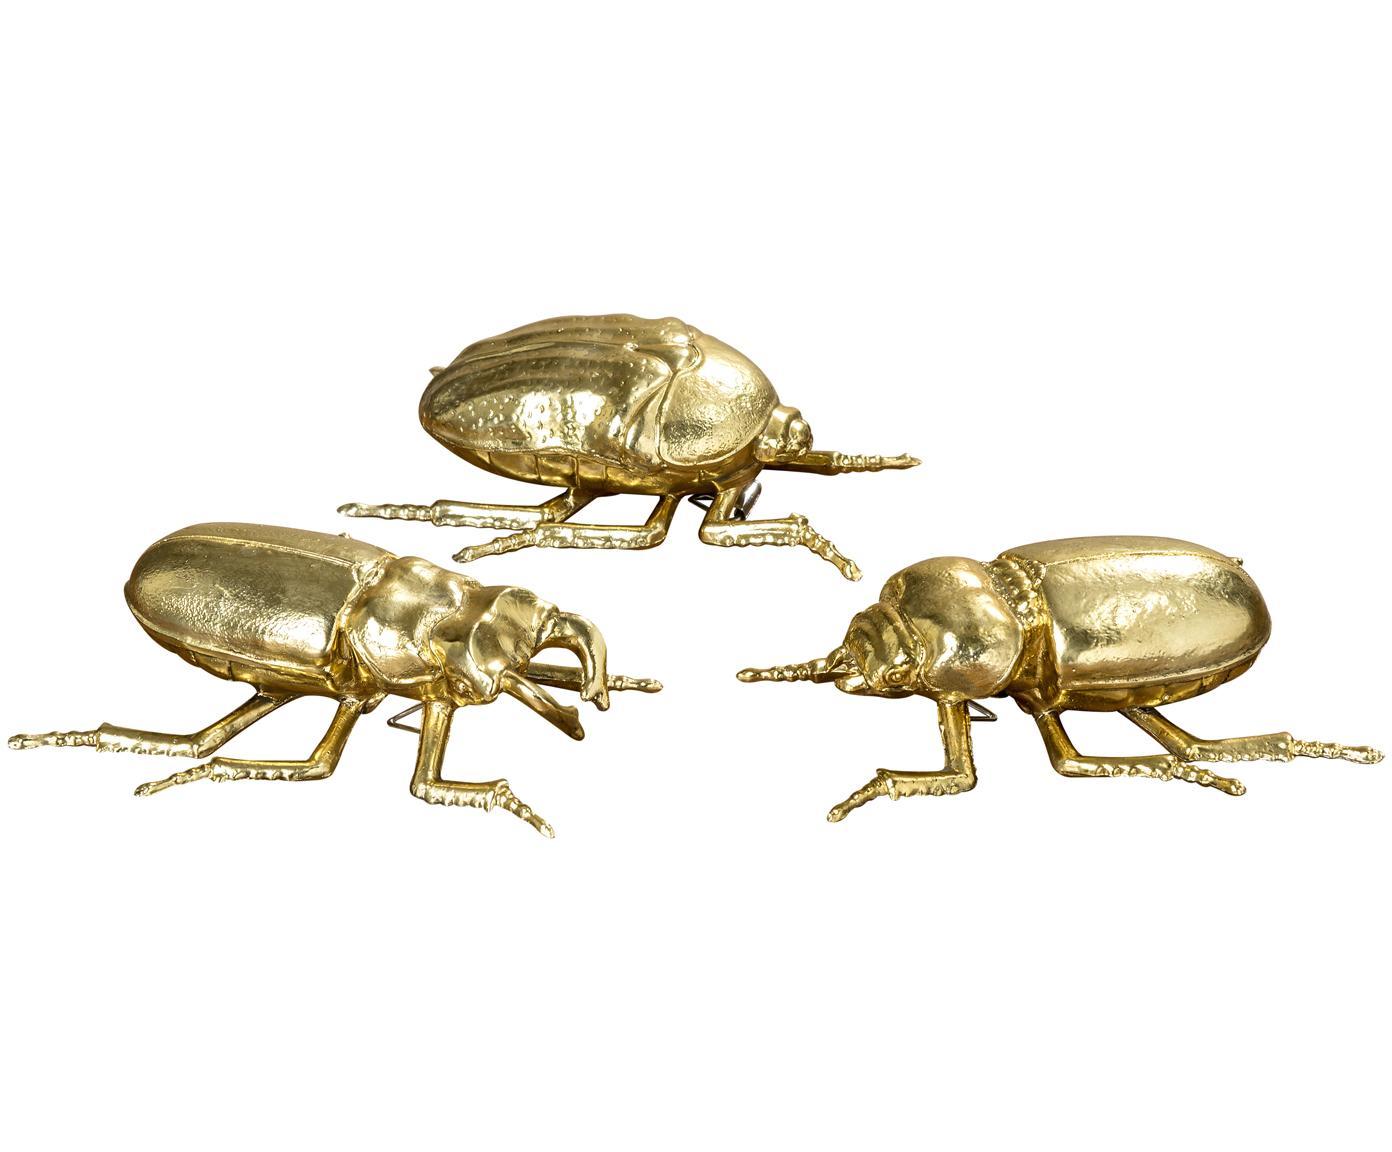 Chrząszcz dekoracyjny Carny, 3 elem., Sztuczna żywica, Odcienie złotego, S 11 x W 4 cm